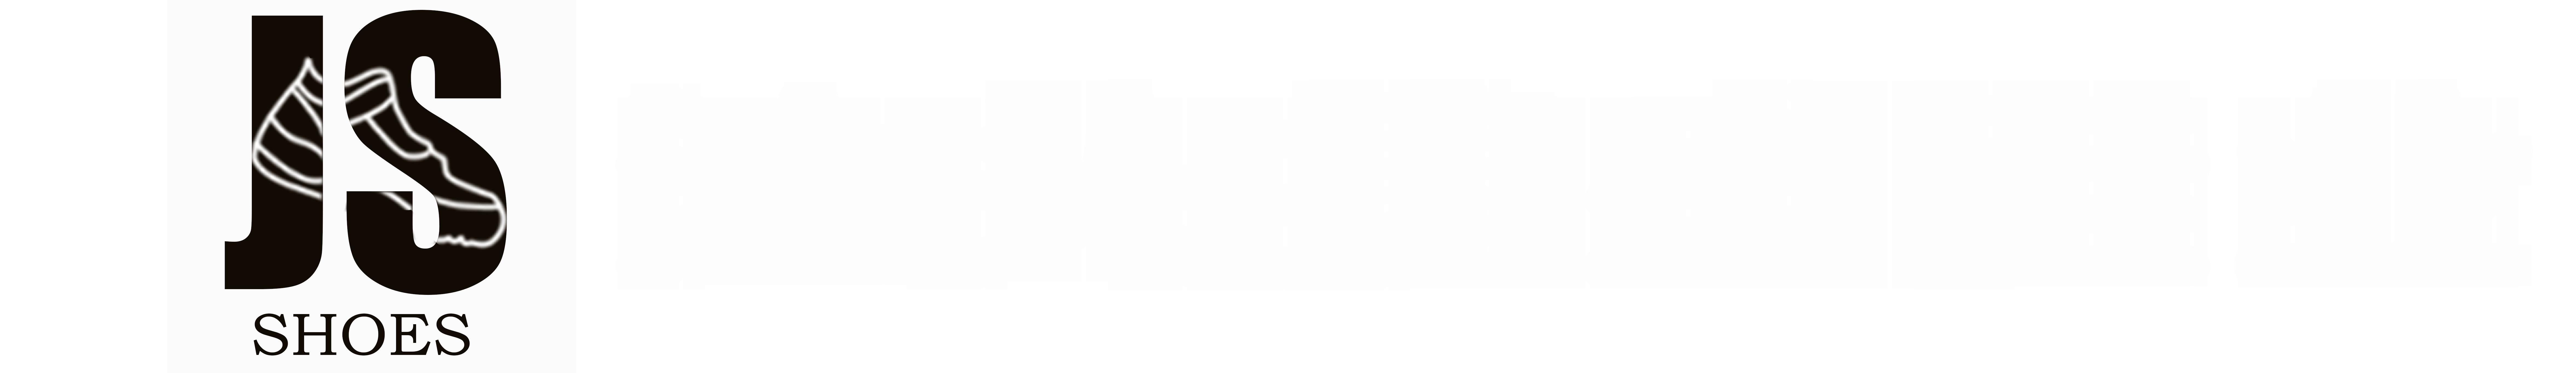 汕头捷盛鞋业